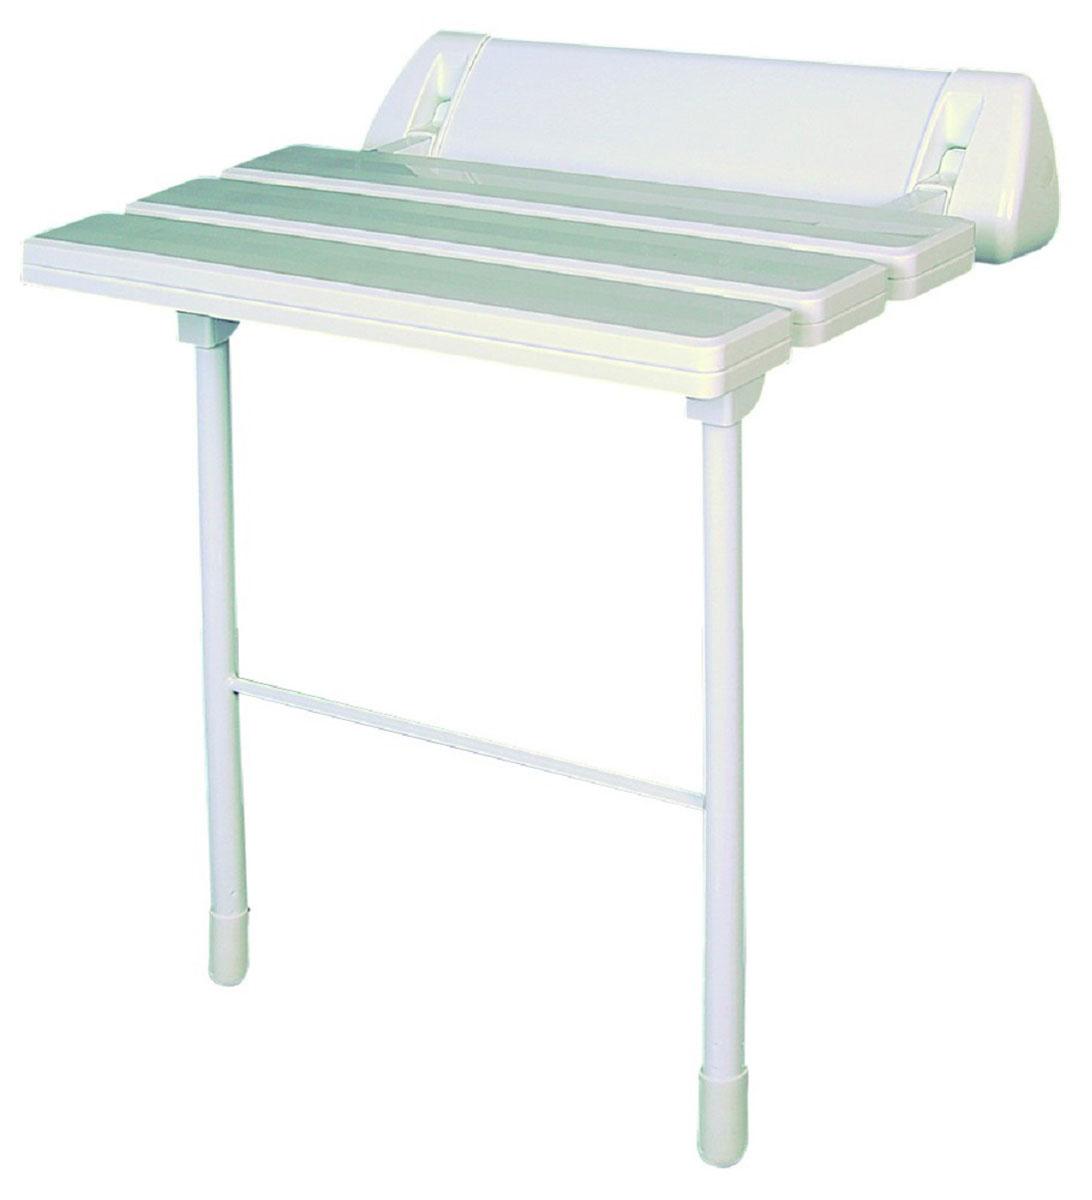 Сиденье в ванную Ridder, цвет: белый. А0020301А0020301Высококачественное немецкое сиденье для ванны разработано и запатентовано компанией Ridder. Данное изделие имеет откидной механизм. Посадочная часть состоит из рифленых реек, не впитывающих влагу. Ножки регулируются по высоте - 460 - 485 мм. Длина сидения - 510 мм. Глубина сидения - 230 мм. Максимальная нагрузка - 250 кг. Состав: каркас - алюминий, сиденье - пластик. В комплект входят саморезы+дюбели и инструкция.